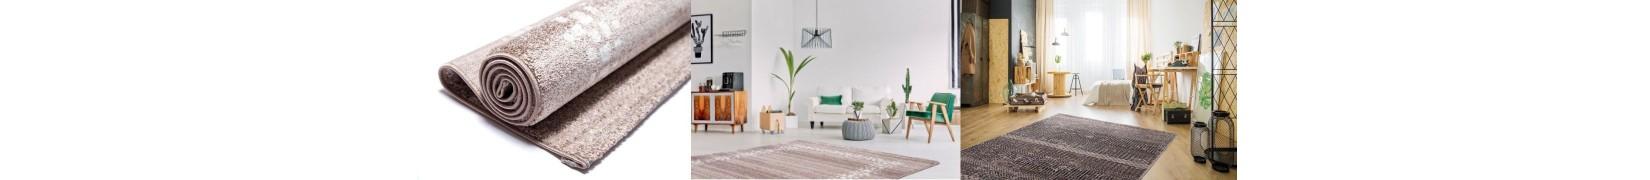 Niesamowicie piękne dywany do salonu i sypialni. Kolekcja LOOT.